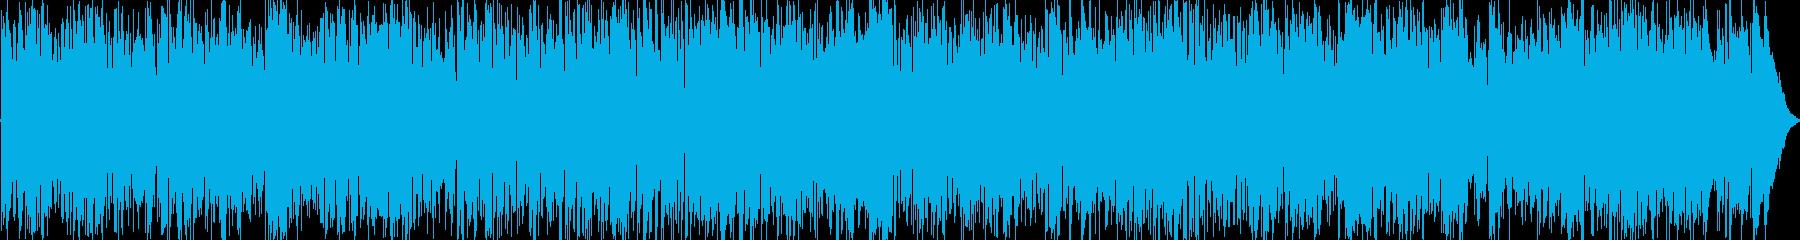 おしゃれなポップスのBGM.の再生済みの波形